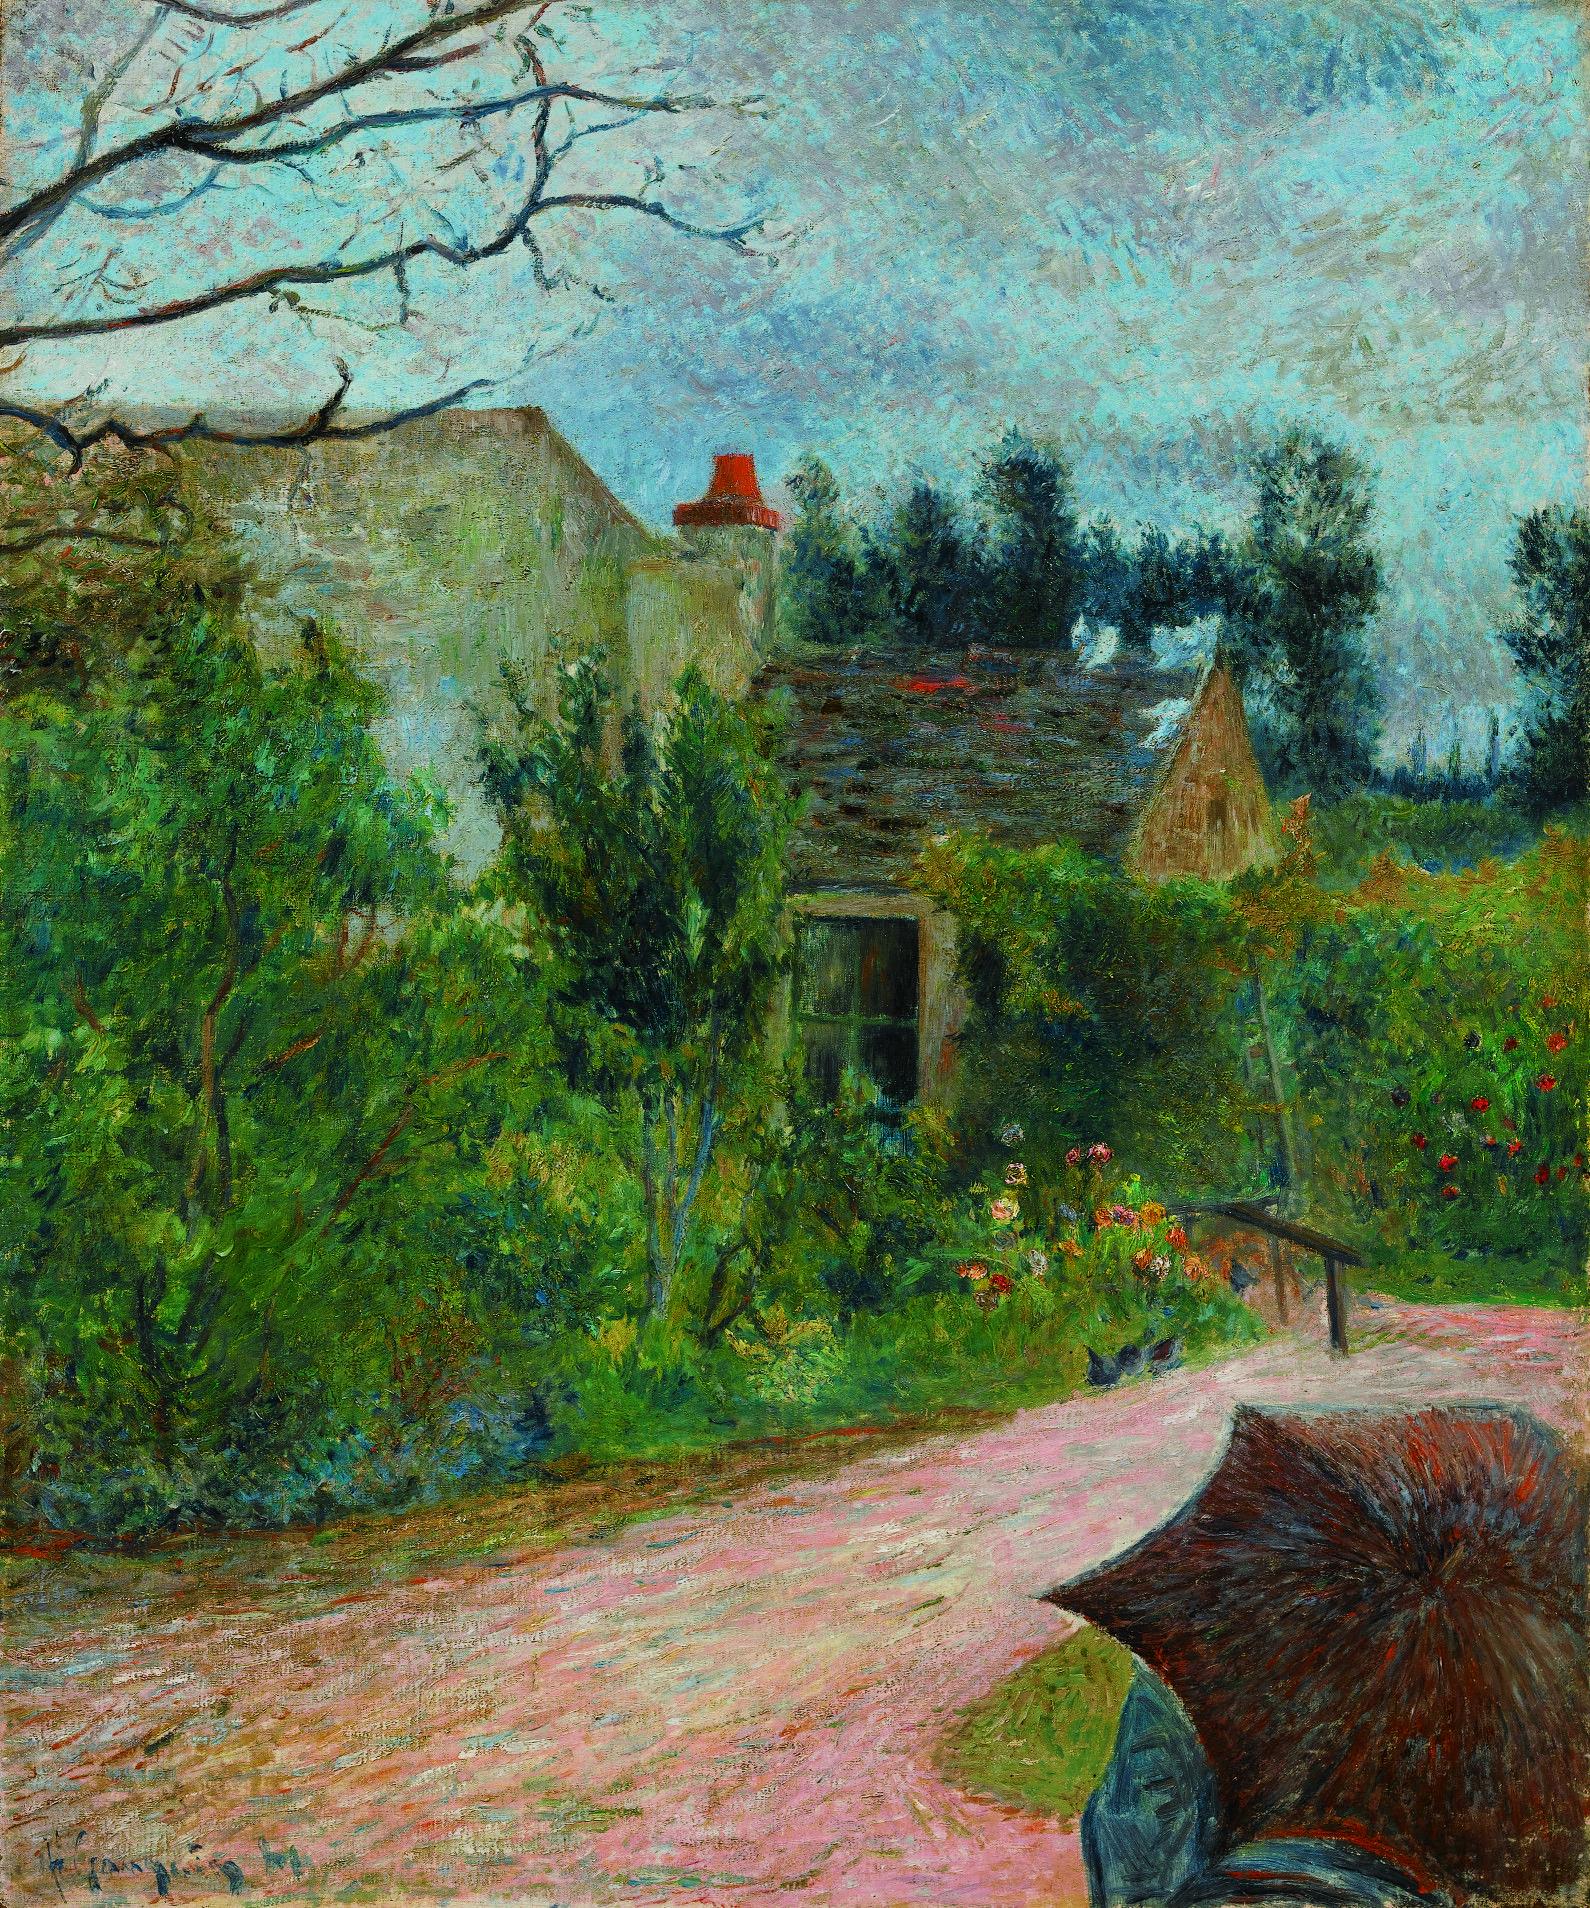 Paul Gauguin Le Jardin de Pissarro, Quai du Pothuis à Pontoise, 1881 (recto) Deux esquisses d'autoportrait (verso) Signé et daté p Gauguin 81 en bas à gauche du recto Huile sur toile, 65 x 54 cm Estimate : €600.000-900.000